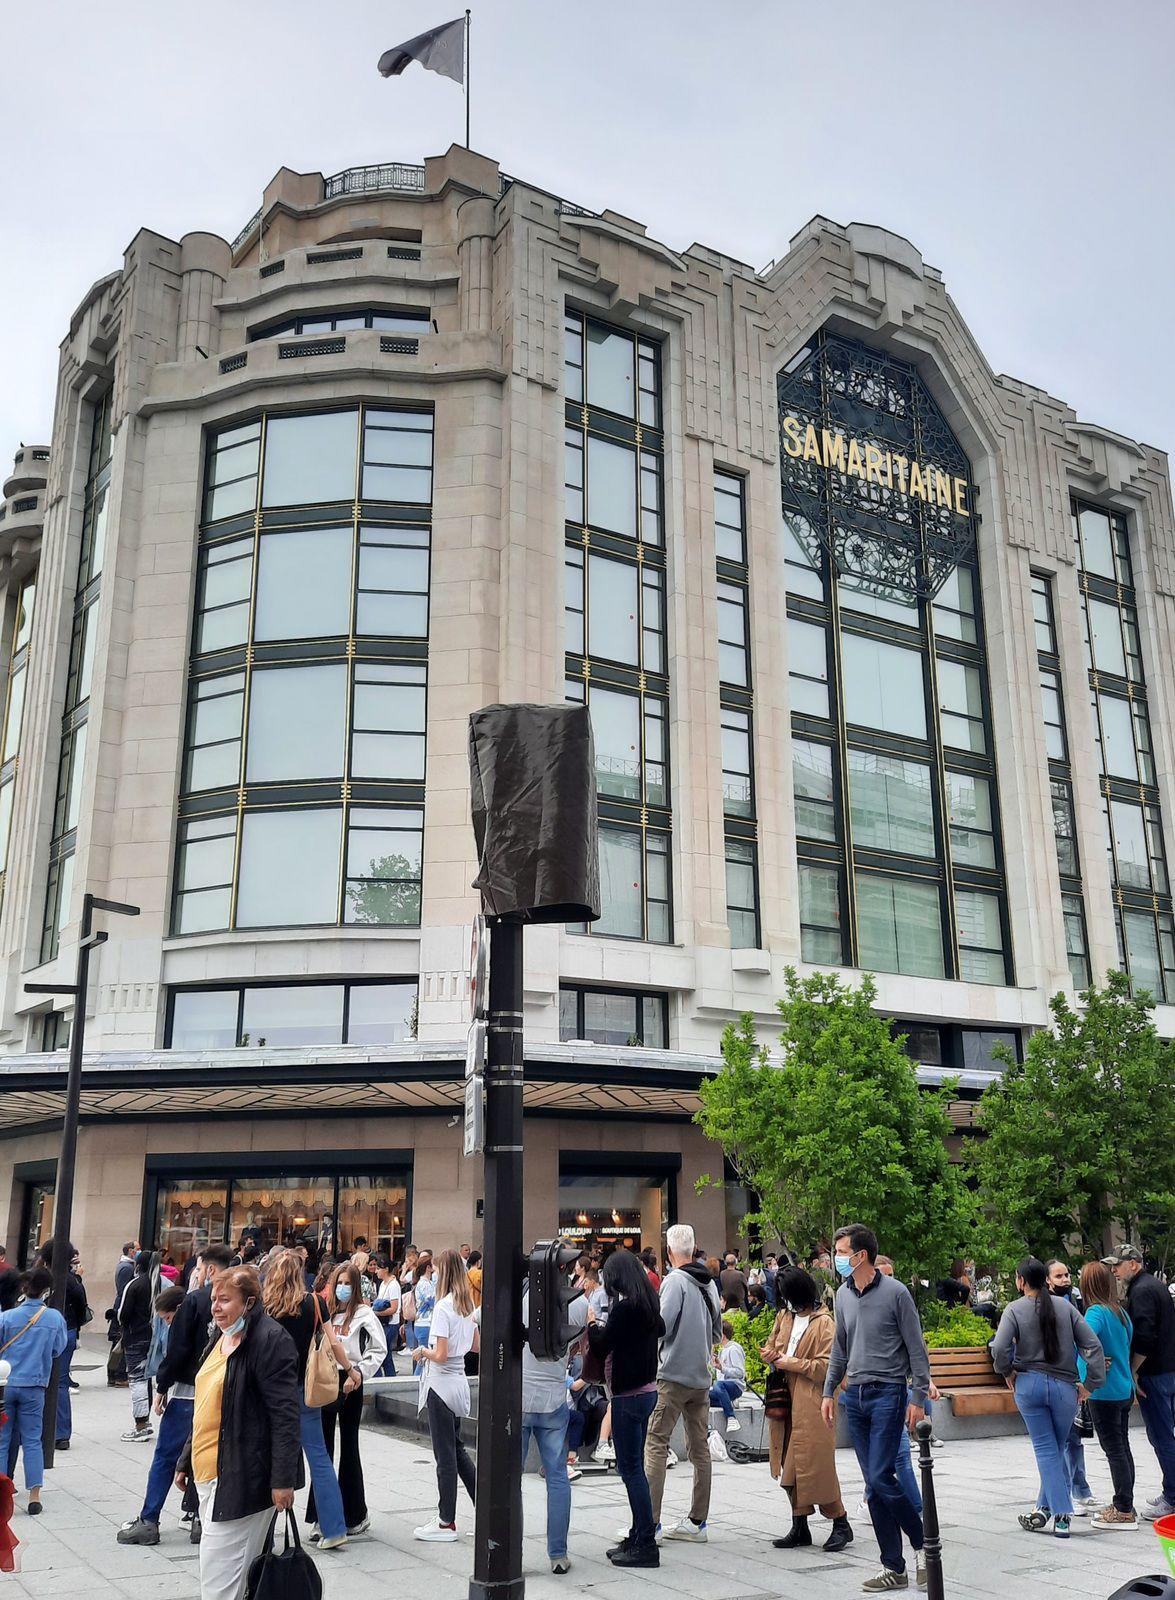 «La Samaritaine, temple de la consommation, réouverture d'un grand magasin parisien de luxe» par Amadou Bal BA - http://baamadou.over-blog.fr/